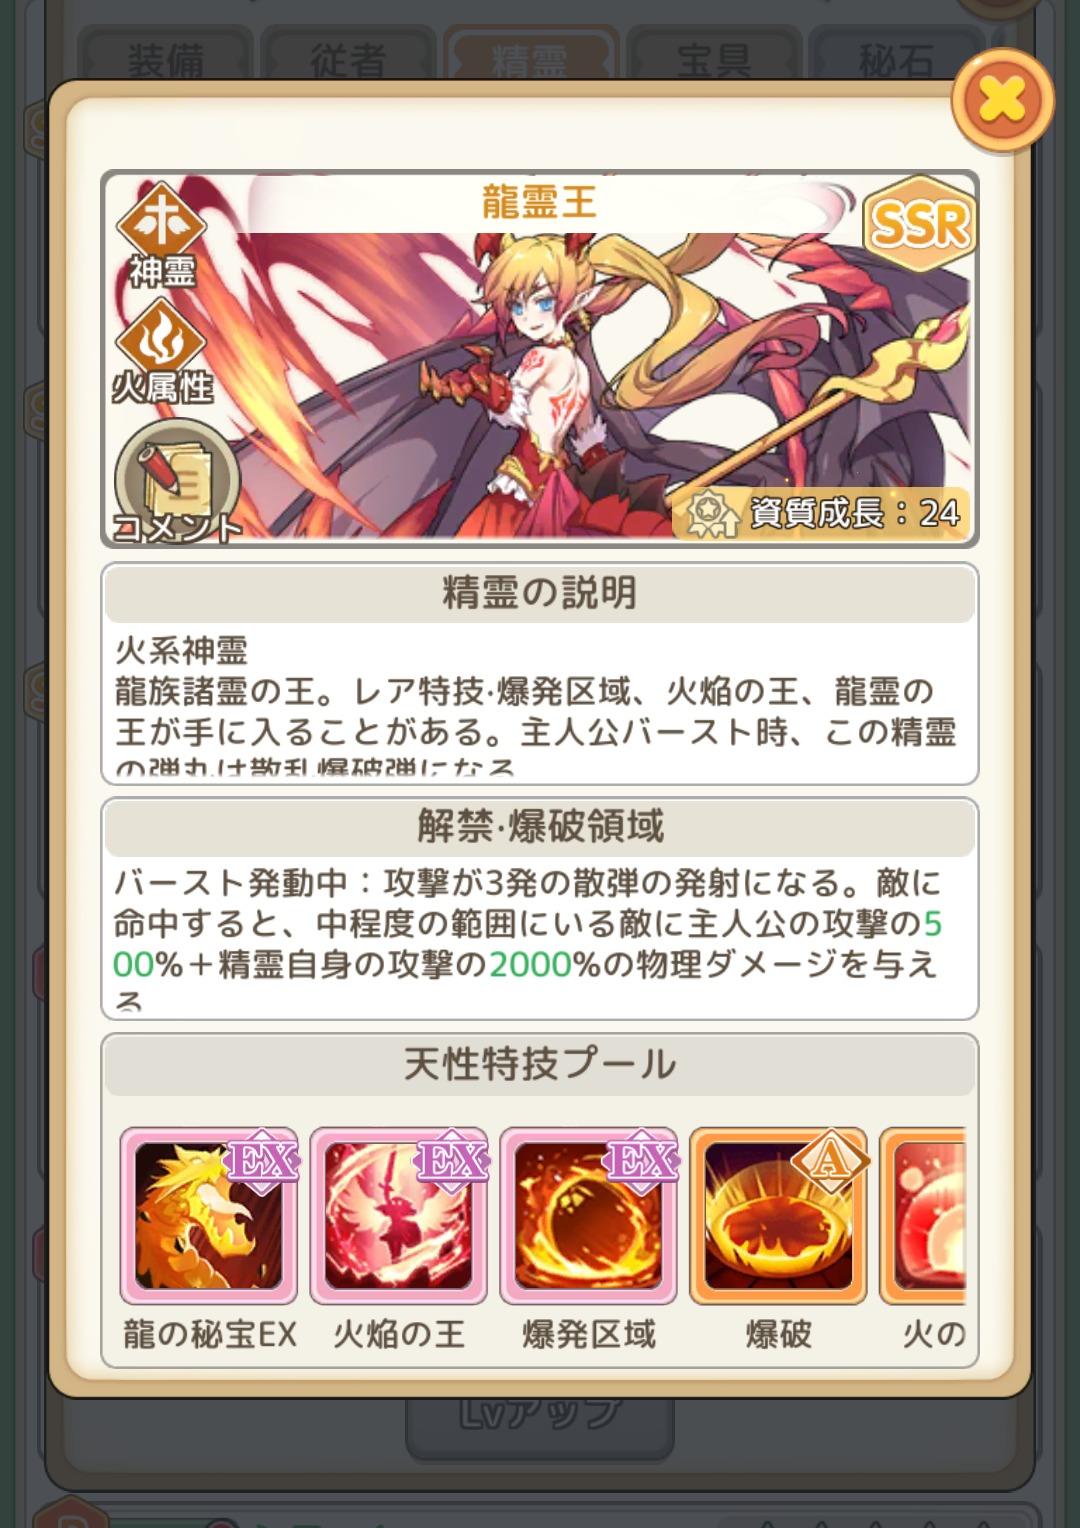 エースアーチャーの龍霊王画像